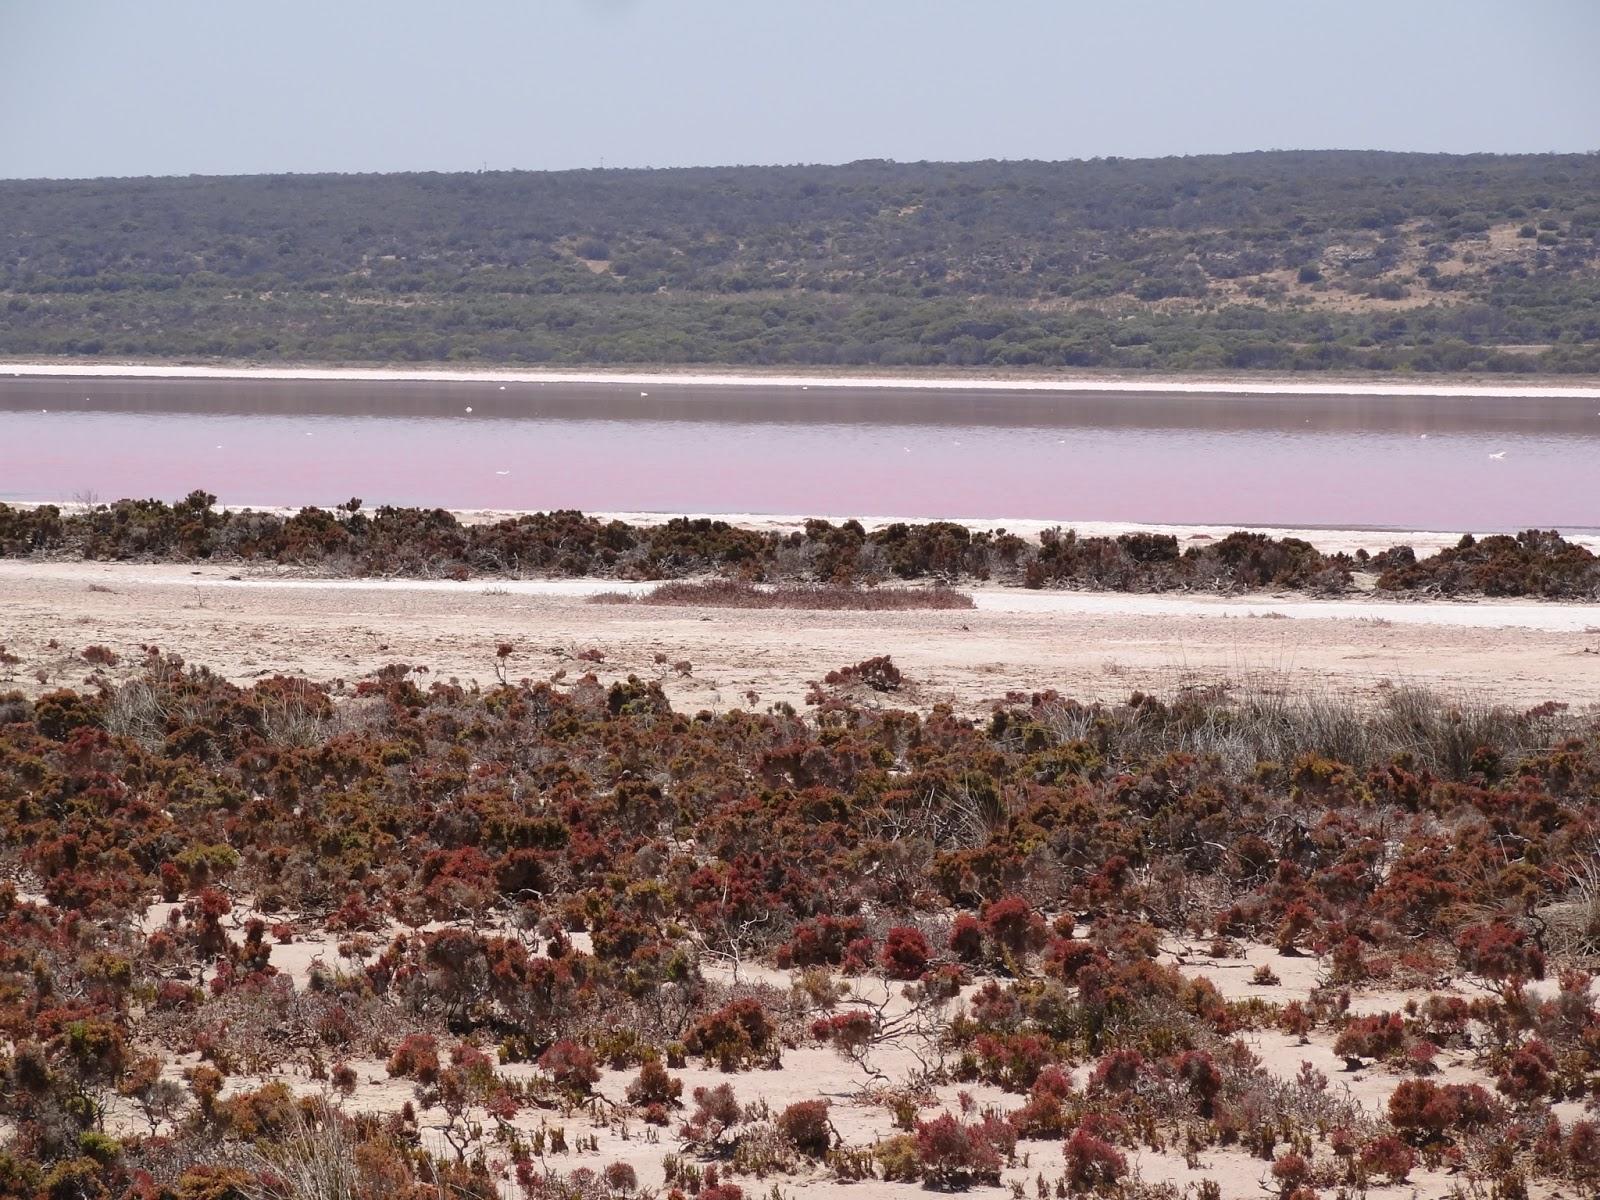 Pink salt ponds near Port Gregory